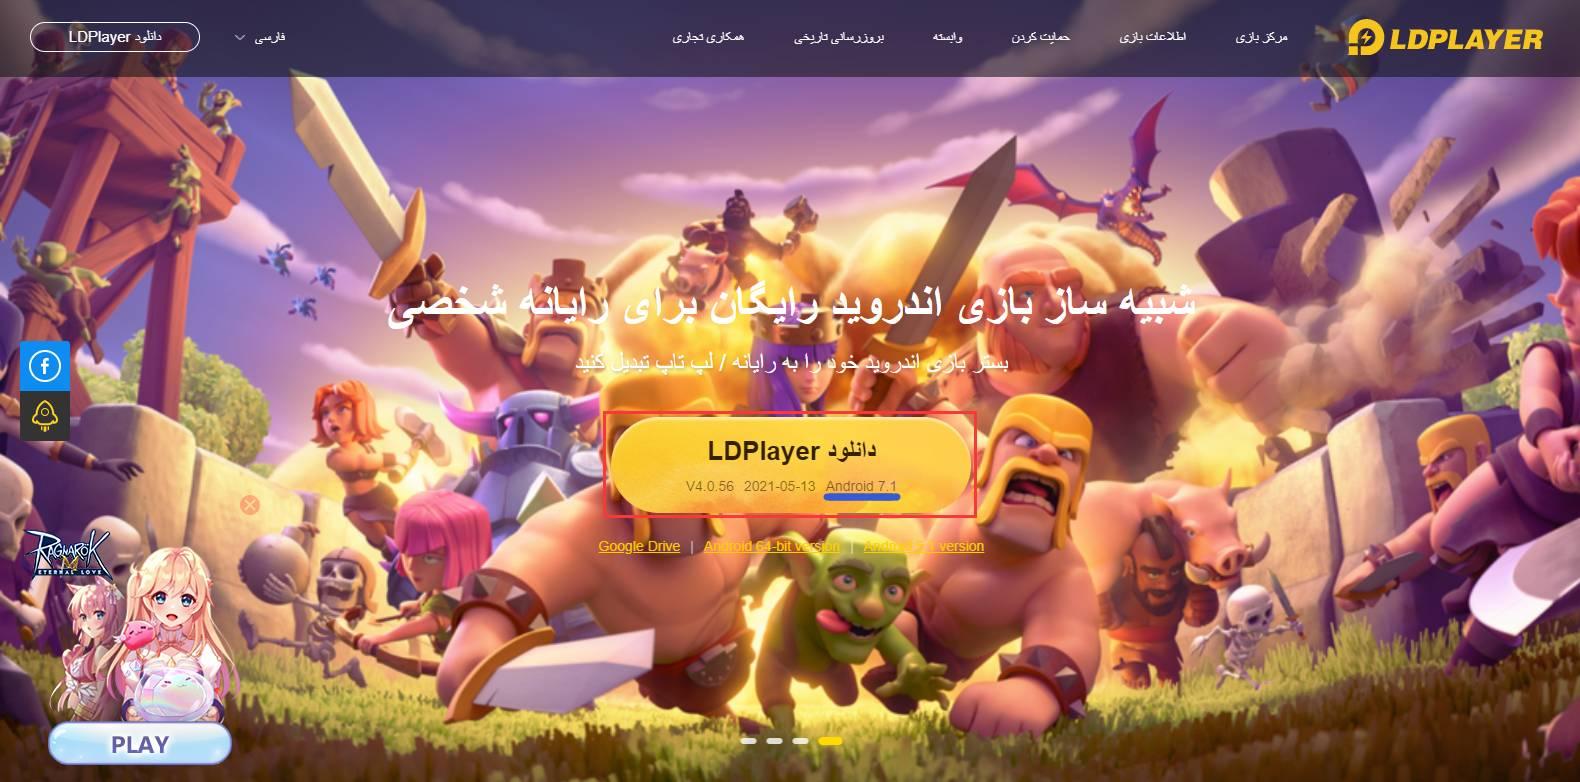 LDPlayer 4 - ویژگی های جدید و بهبود با اندروید 7